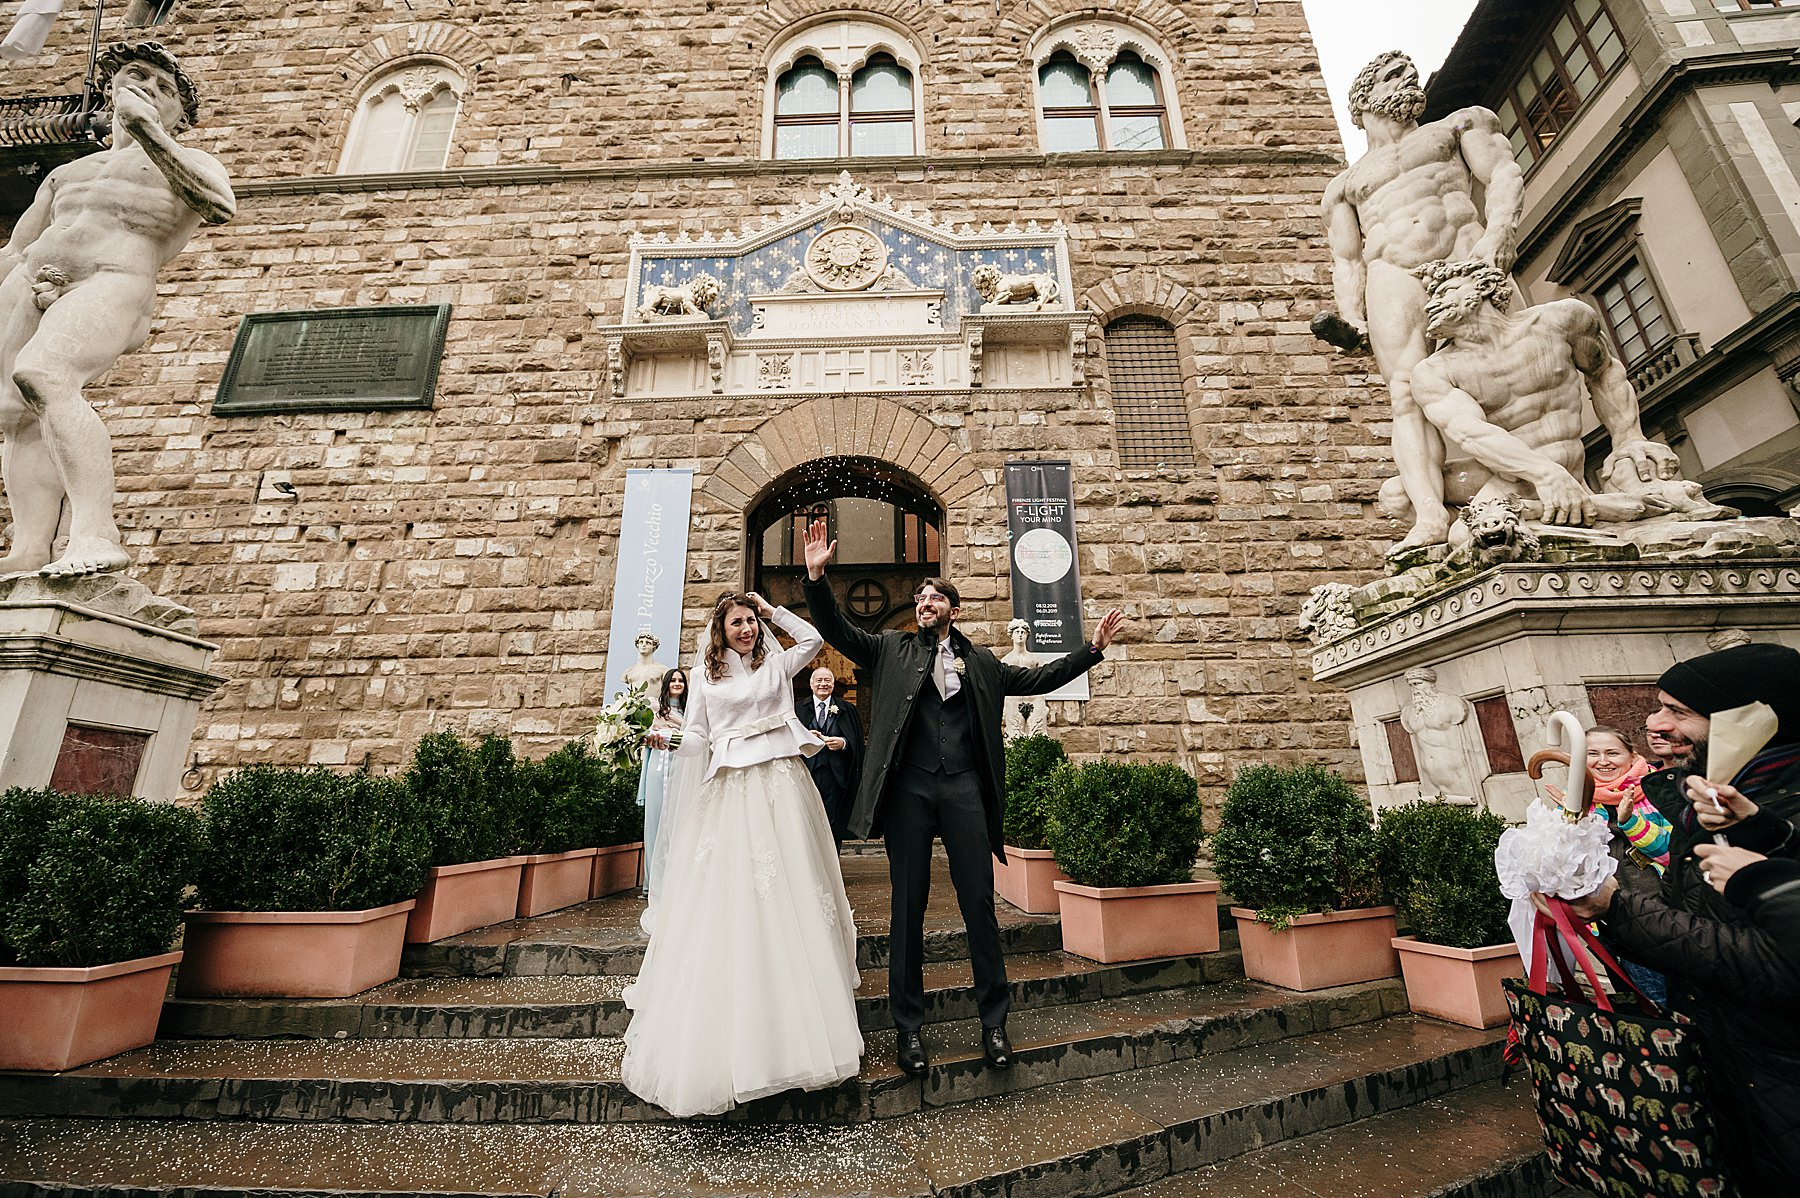 fotografia di matrimonio a firenze in inverno 758